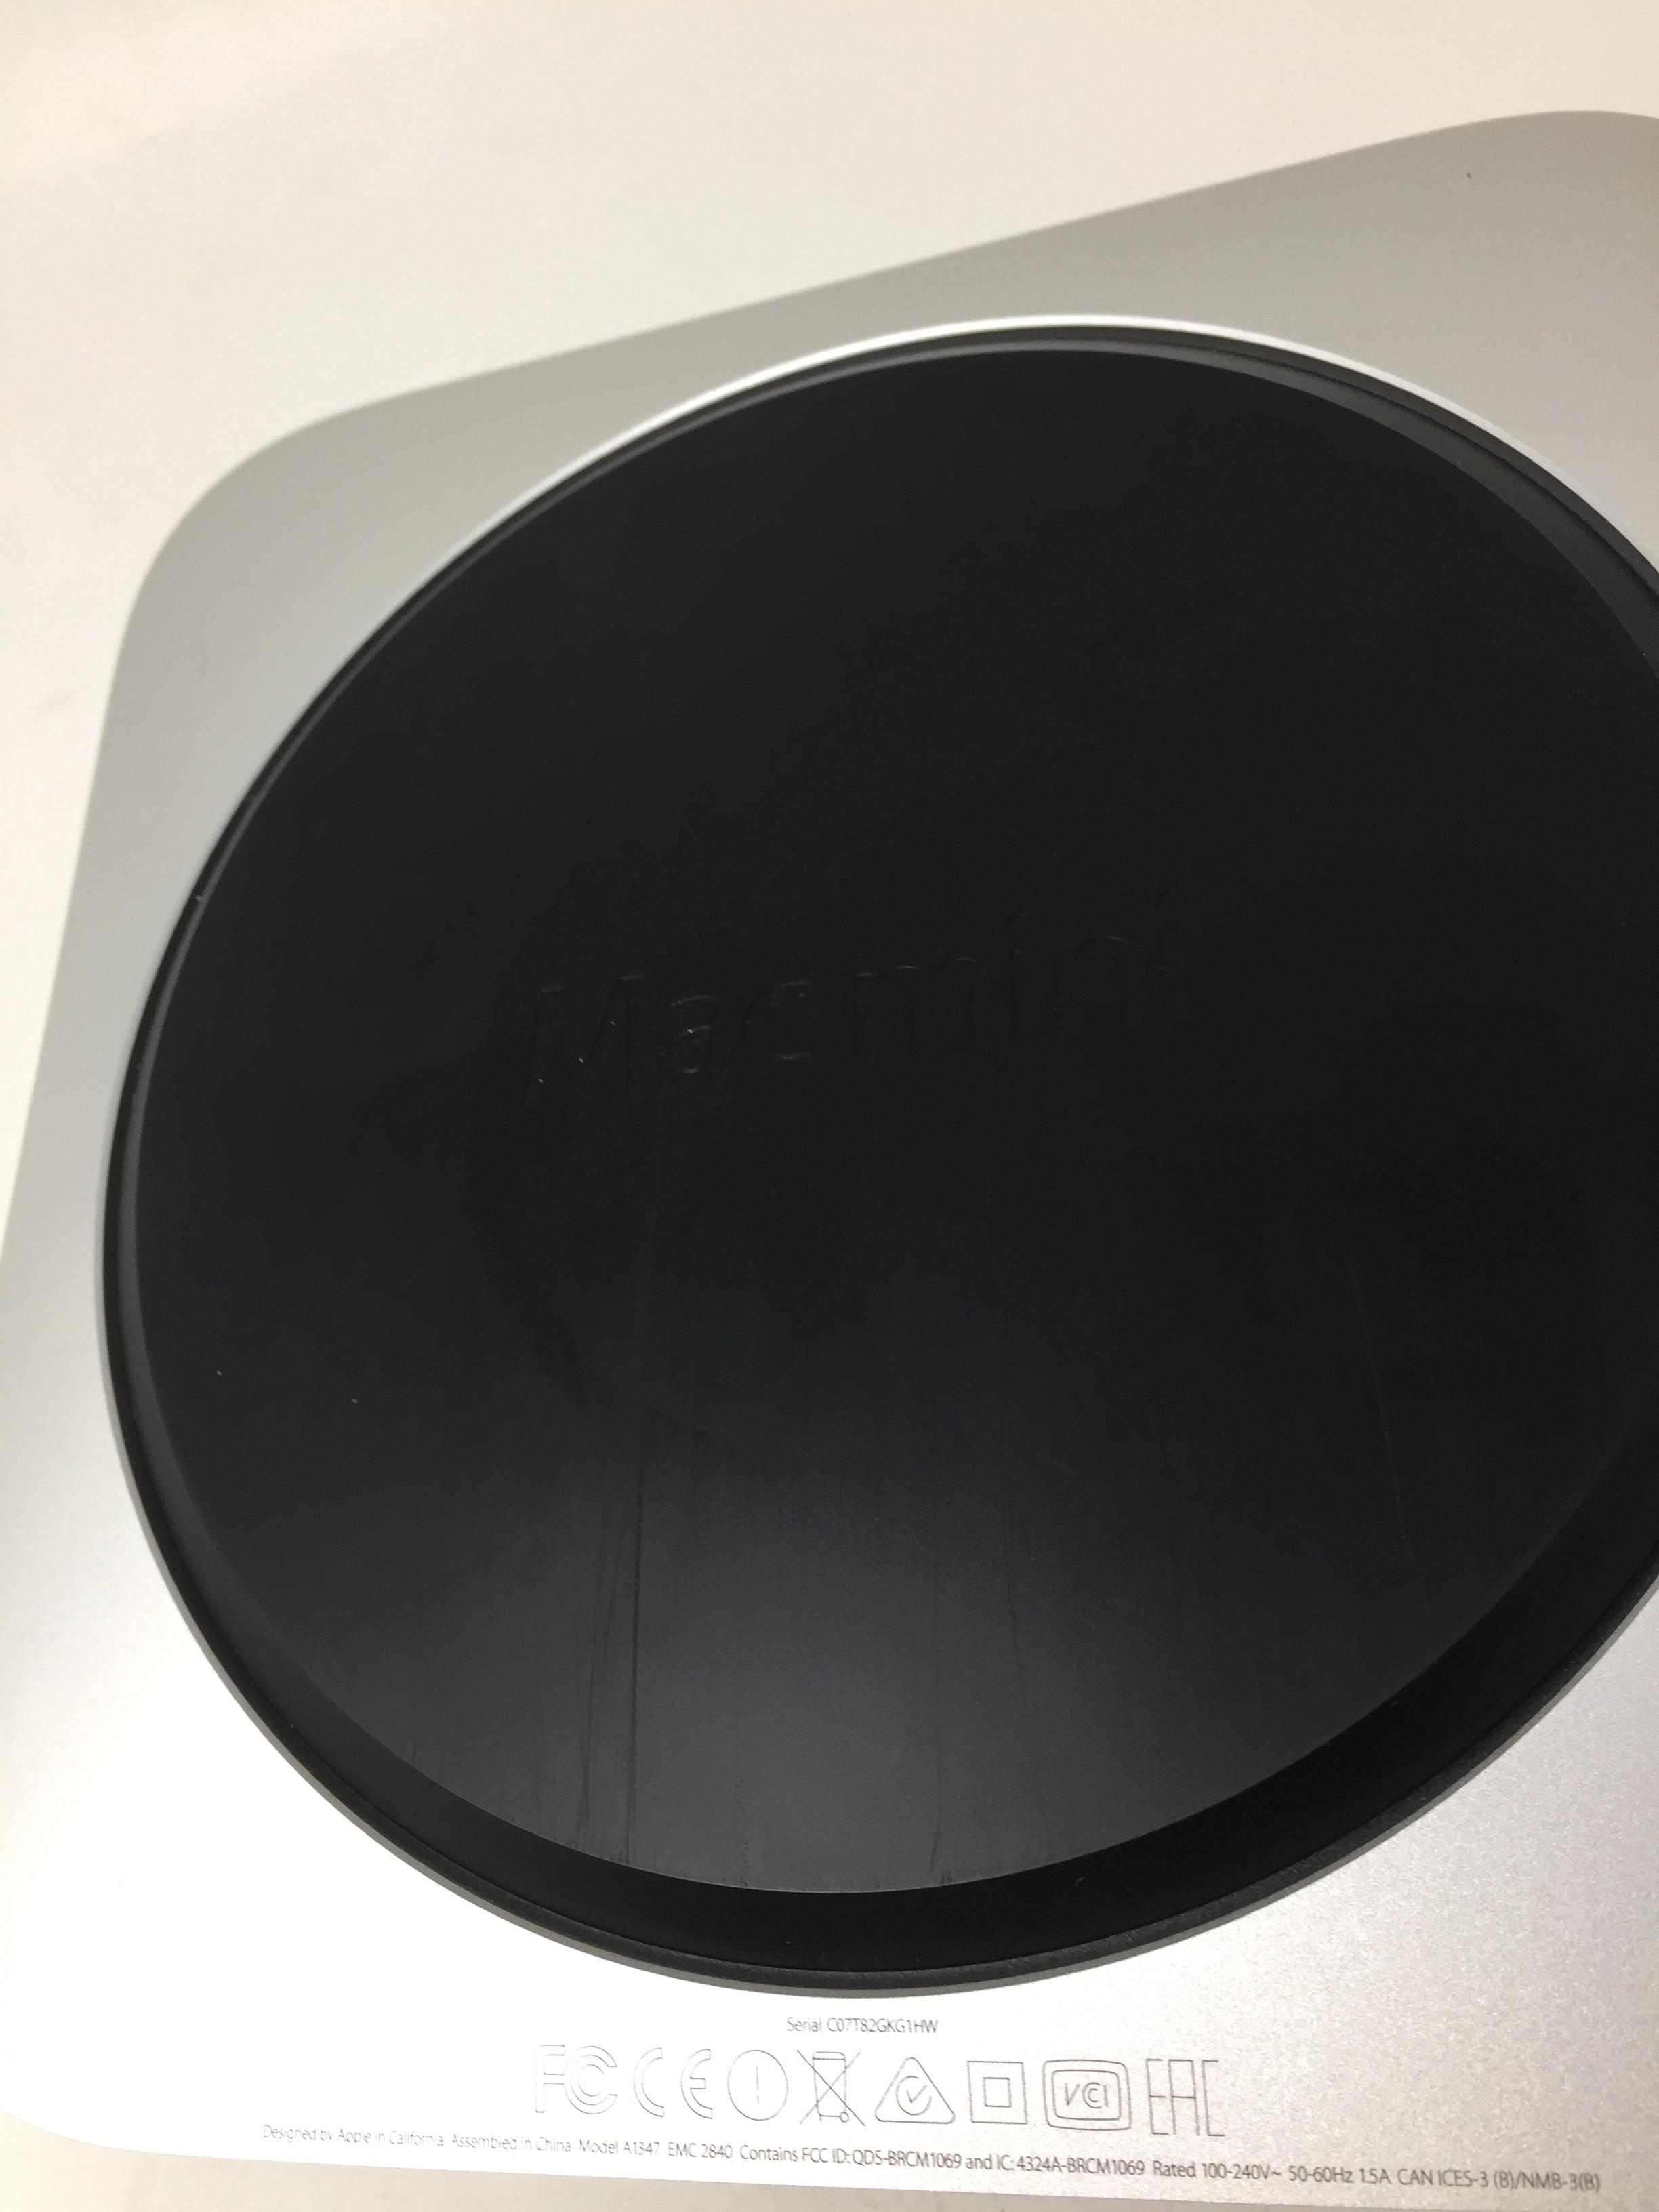 Mac Mini Late 2014 (Intel Core i5 2.6 GHz 8 GB RAM 1 TB HDD), Intel Core i5 2,6GHZ, 8 GB 1600 MHz DDR3, 1 TB HDD, imagen 3